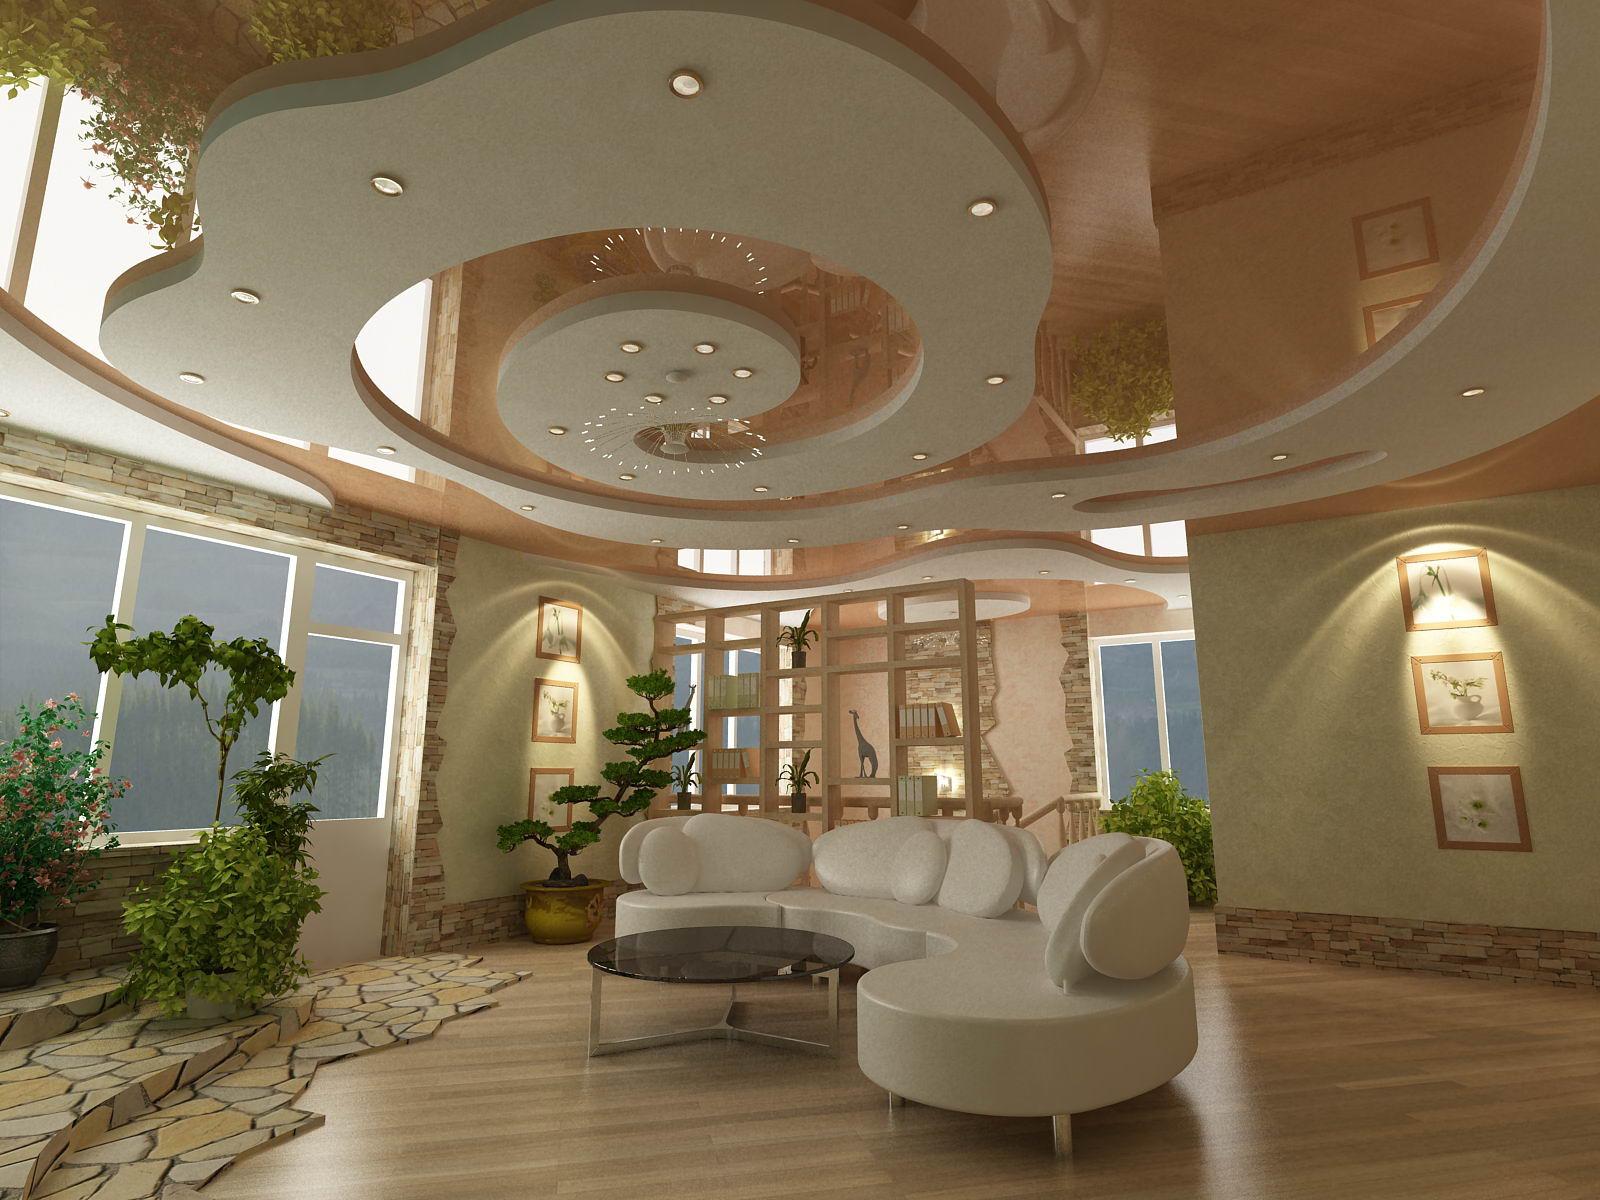 Дизайн интерьера холла 2 х этажного